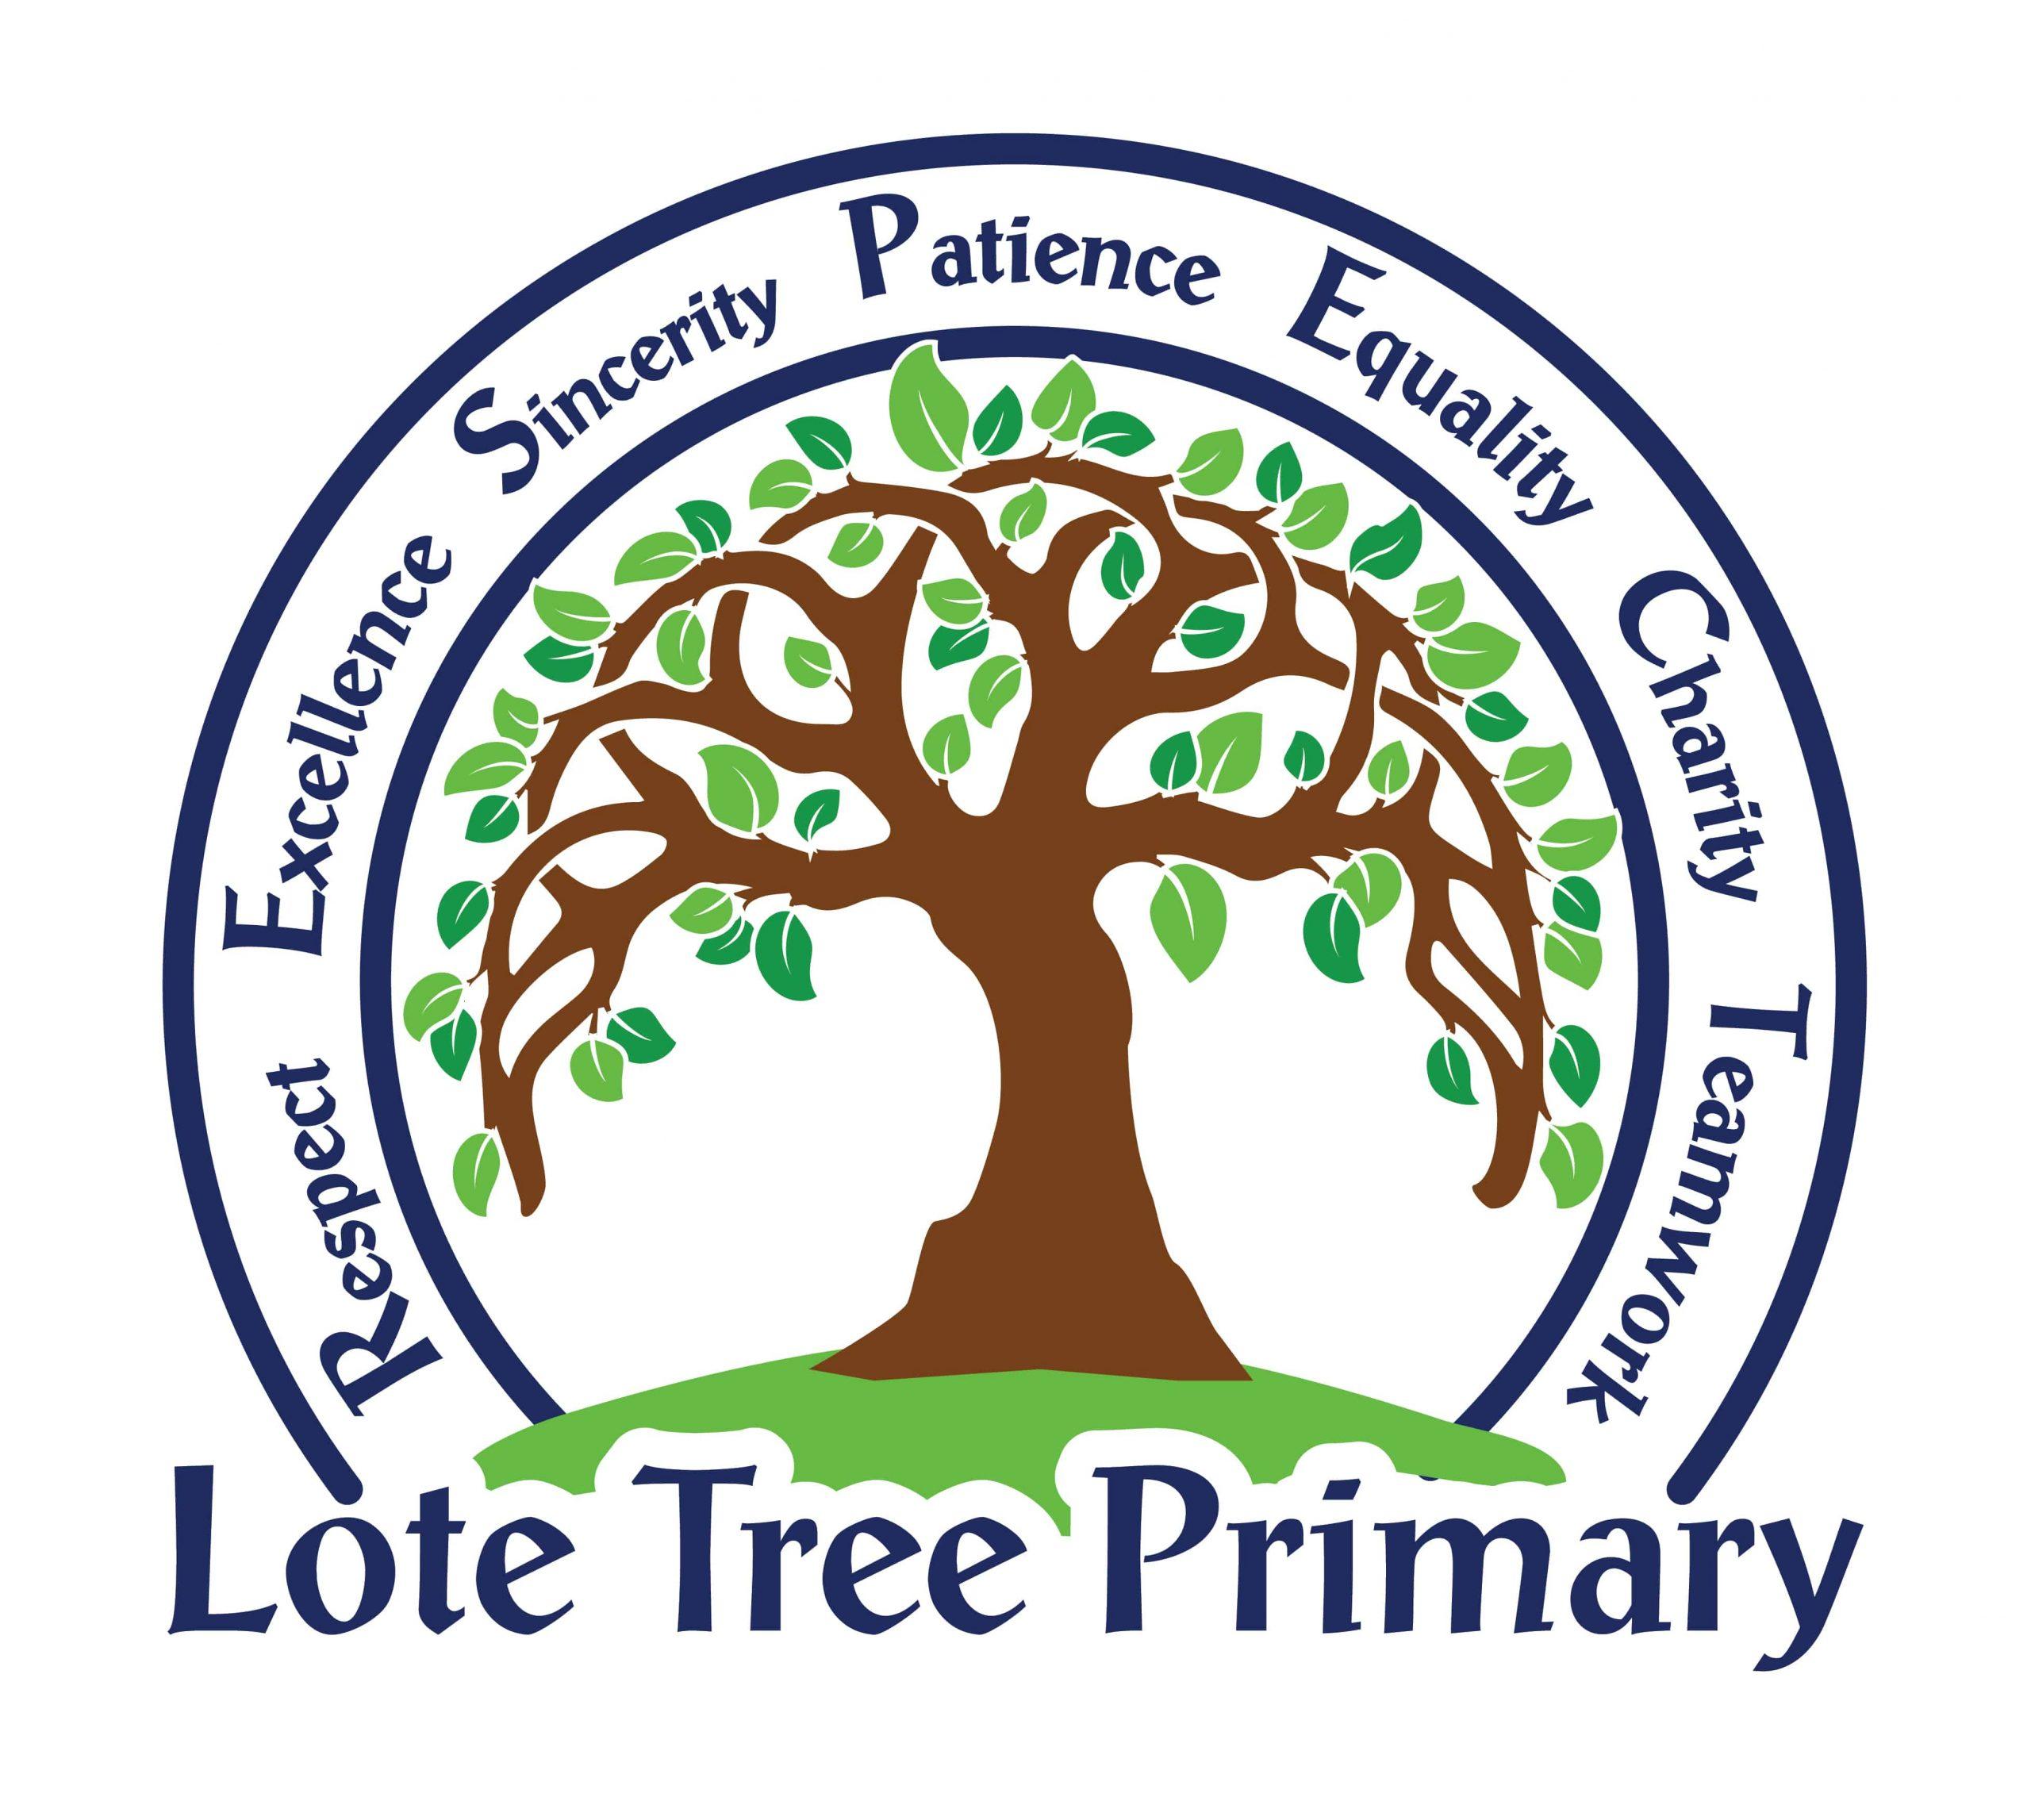 Lote Tree Primary School